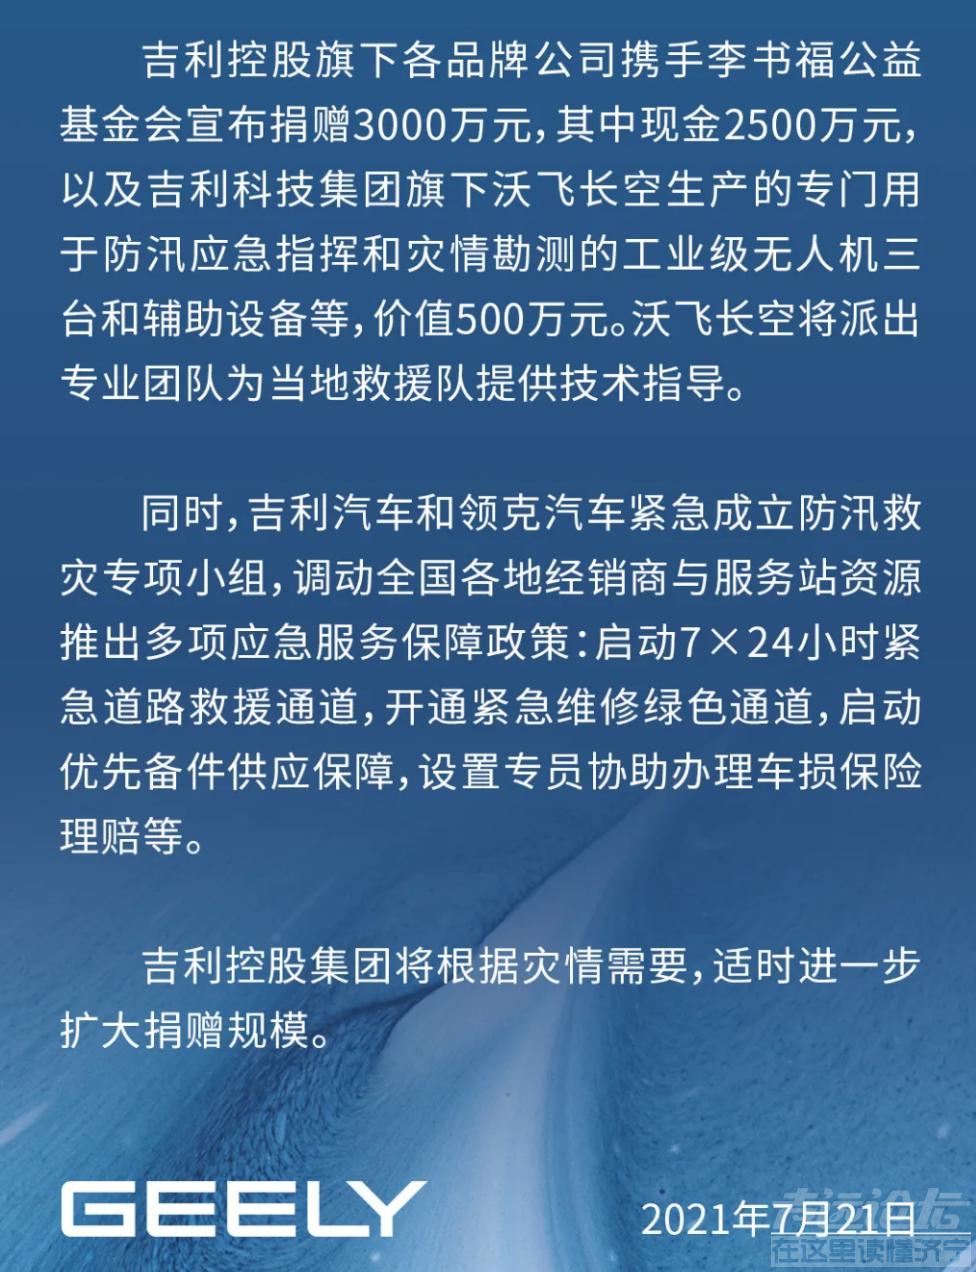 郑州防汛应急响应至I级 多家车企宣布捐款-8.jpg